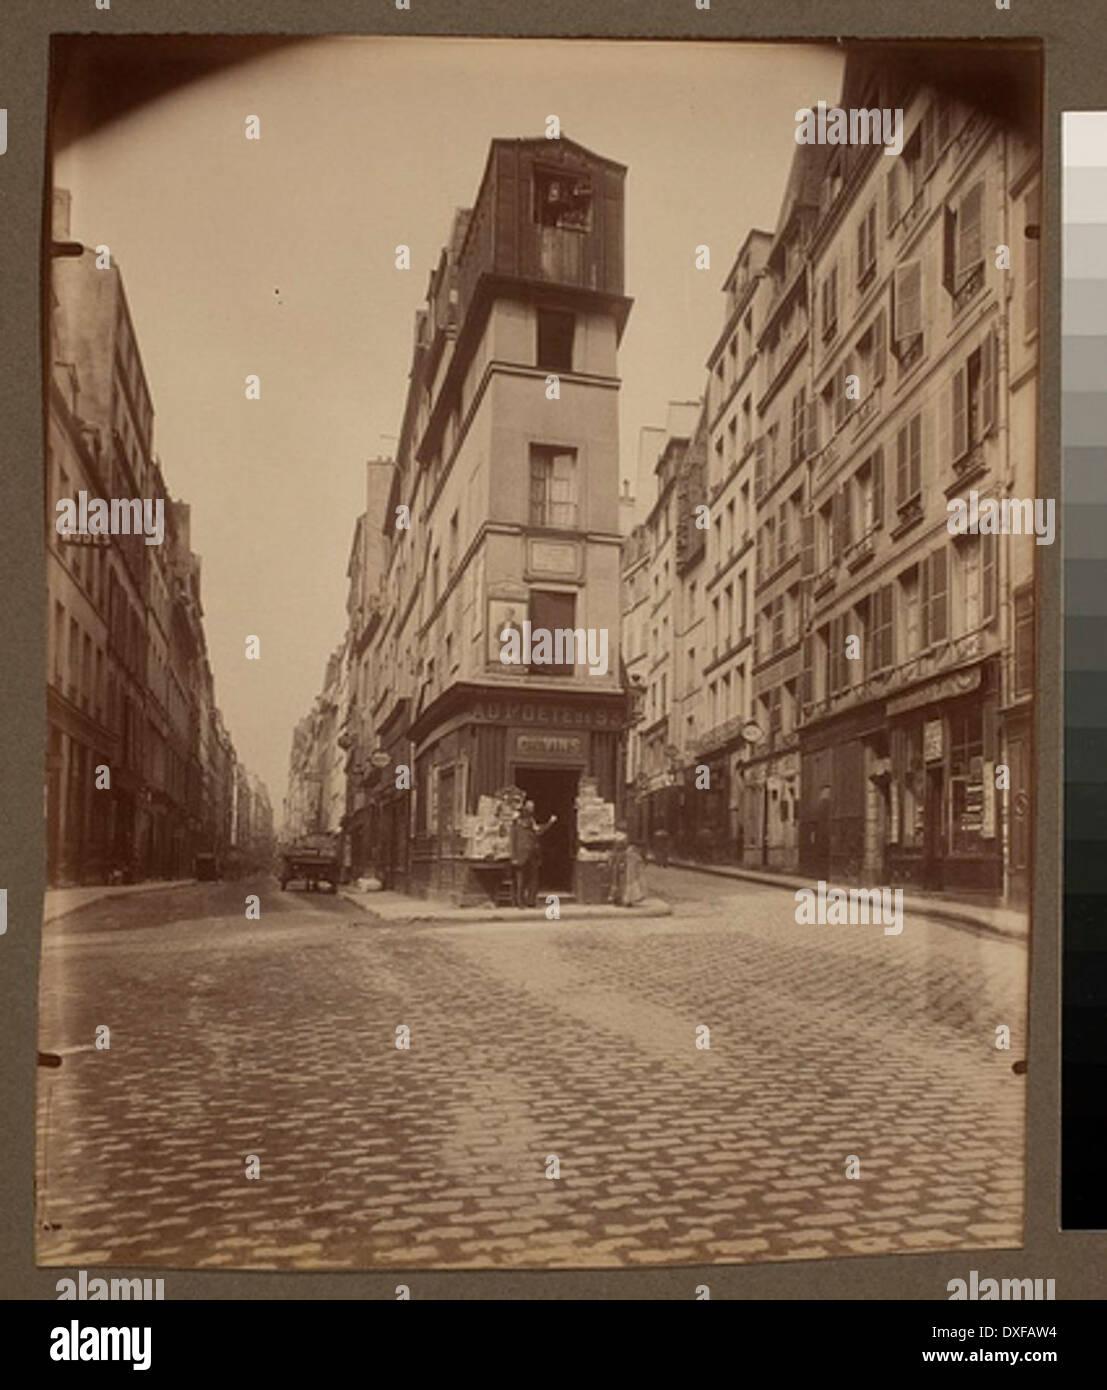 Maison dÕAndre Chenier en 1793 - 97 rue de Clery (2e arr) Maison d'Andre Chenier en 1793 - 97 rue de Clery (2e arr) - Stock Image